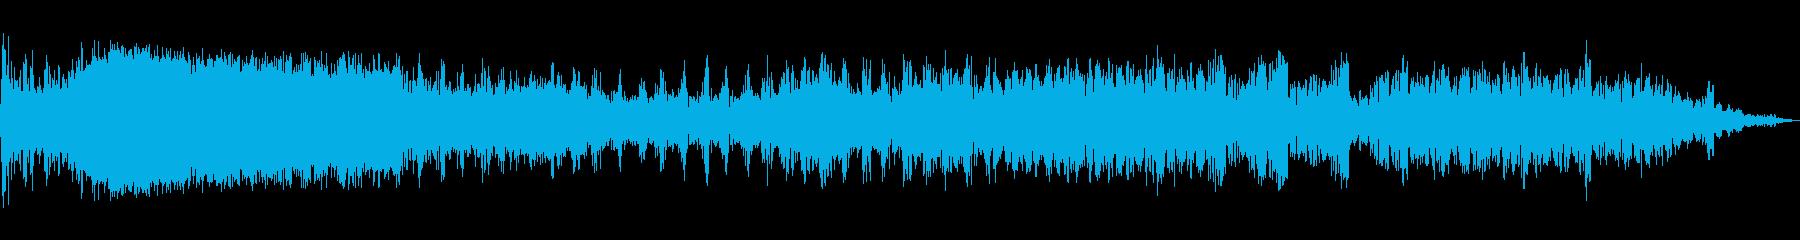 WHOOSH DISSOLVE、W...の再生済みの波形